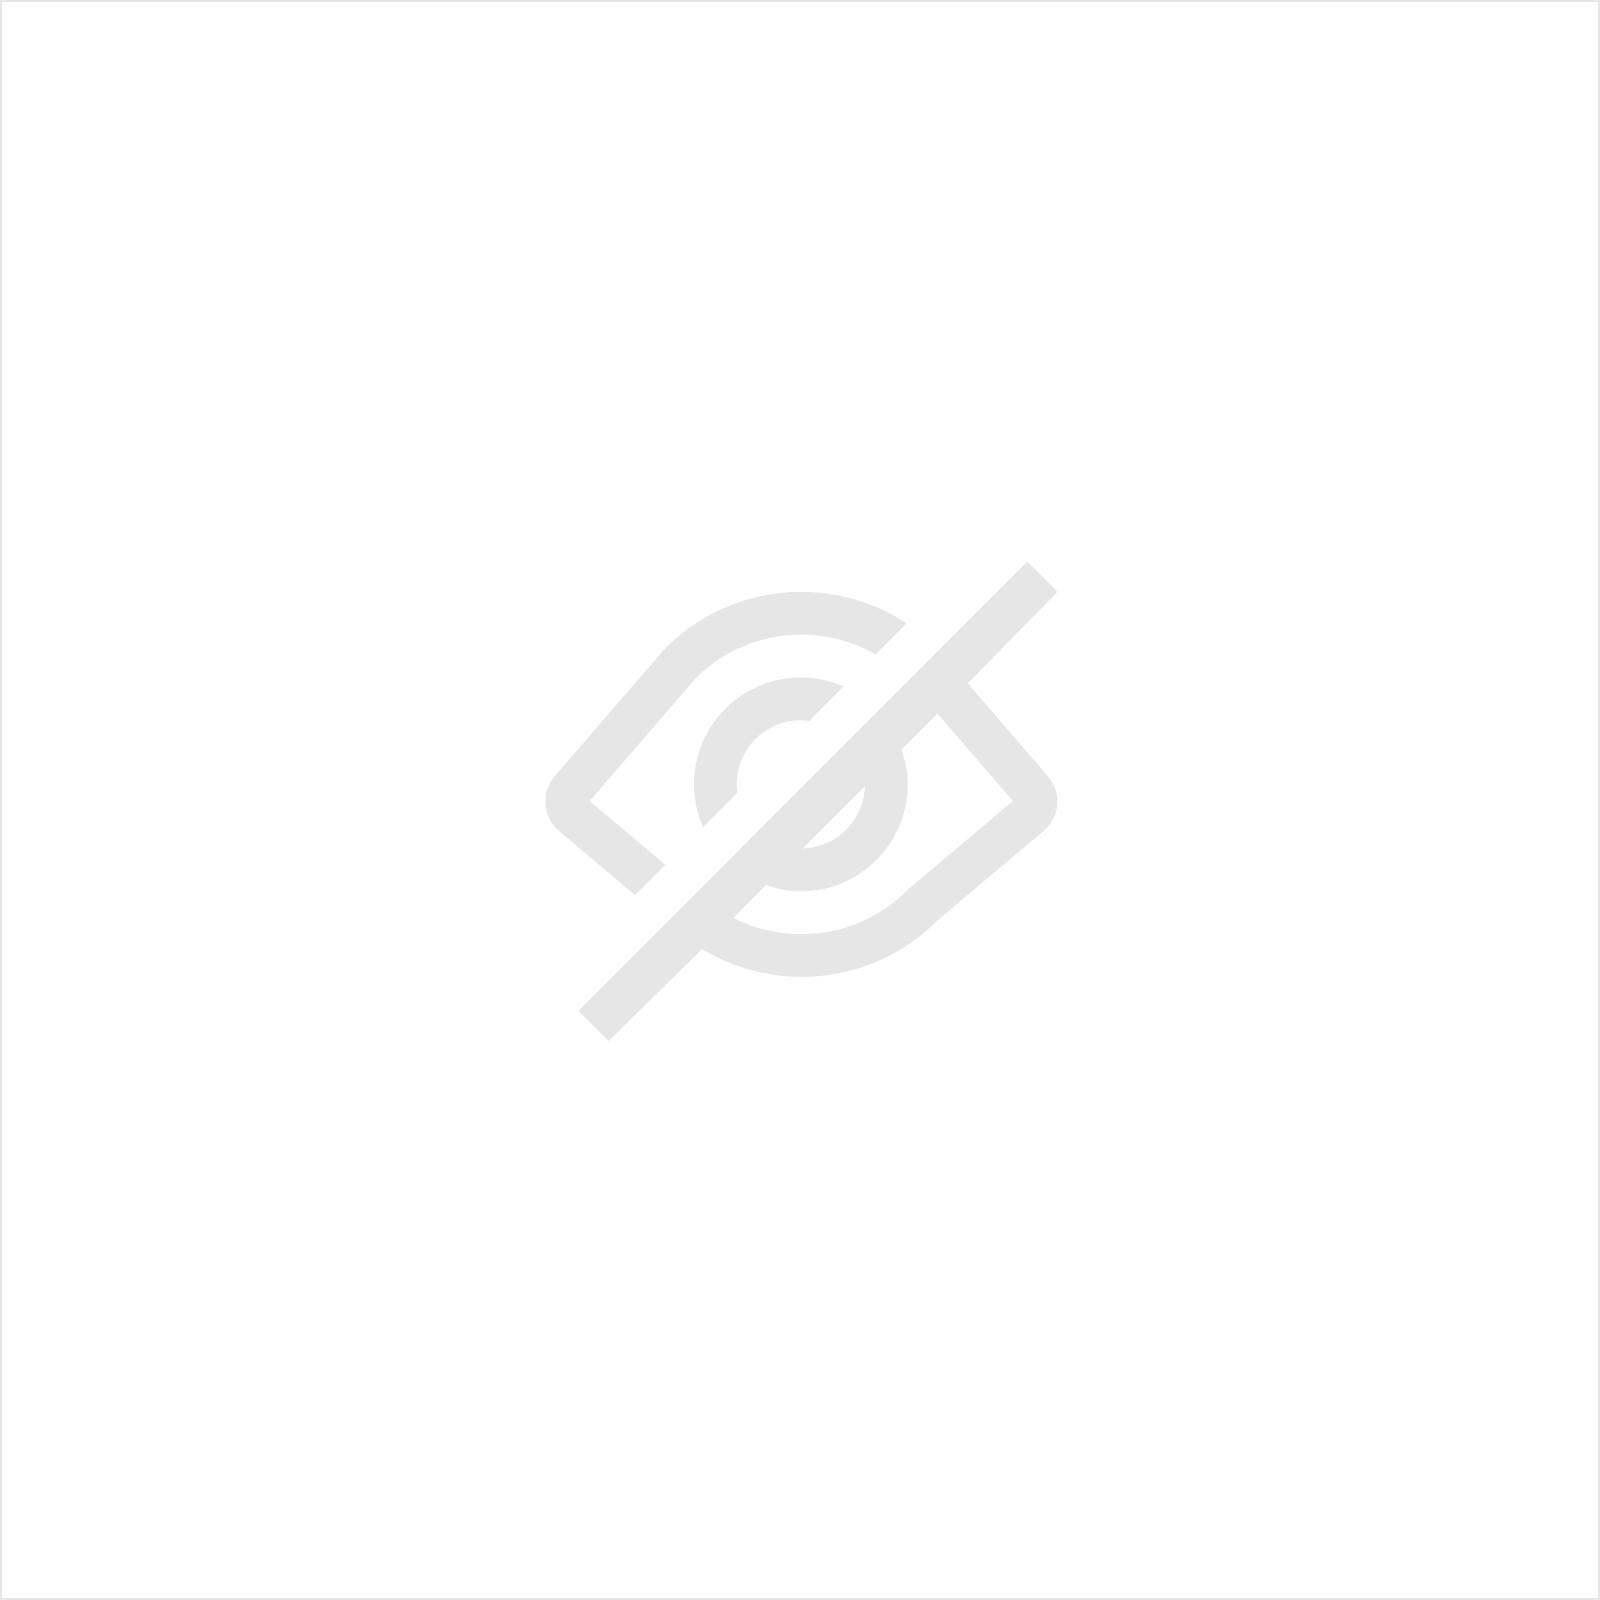 RONDE STAALDRAADBORSTEL MET VERMESSINGDE DRAAD 200 x 20 / 0,25